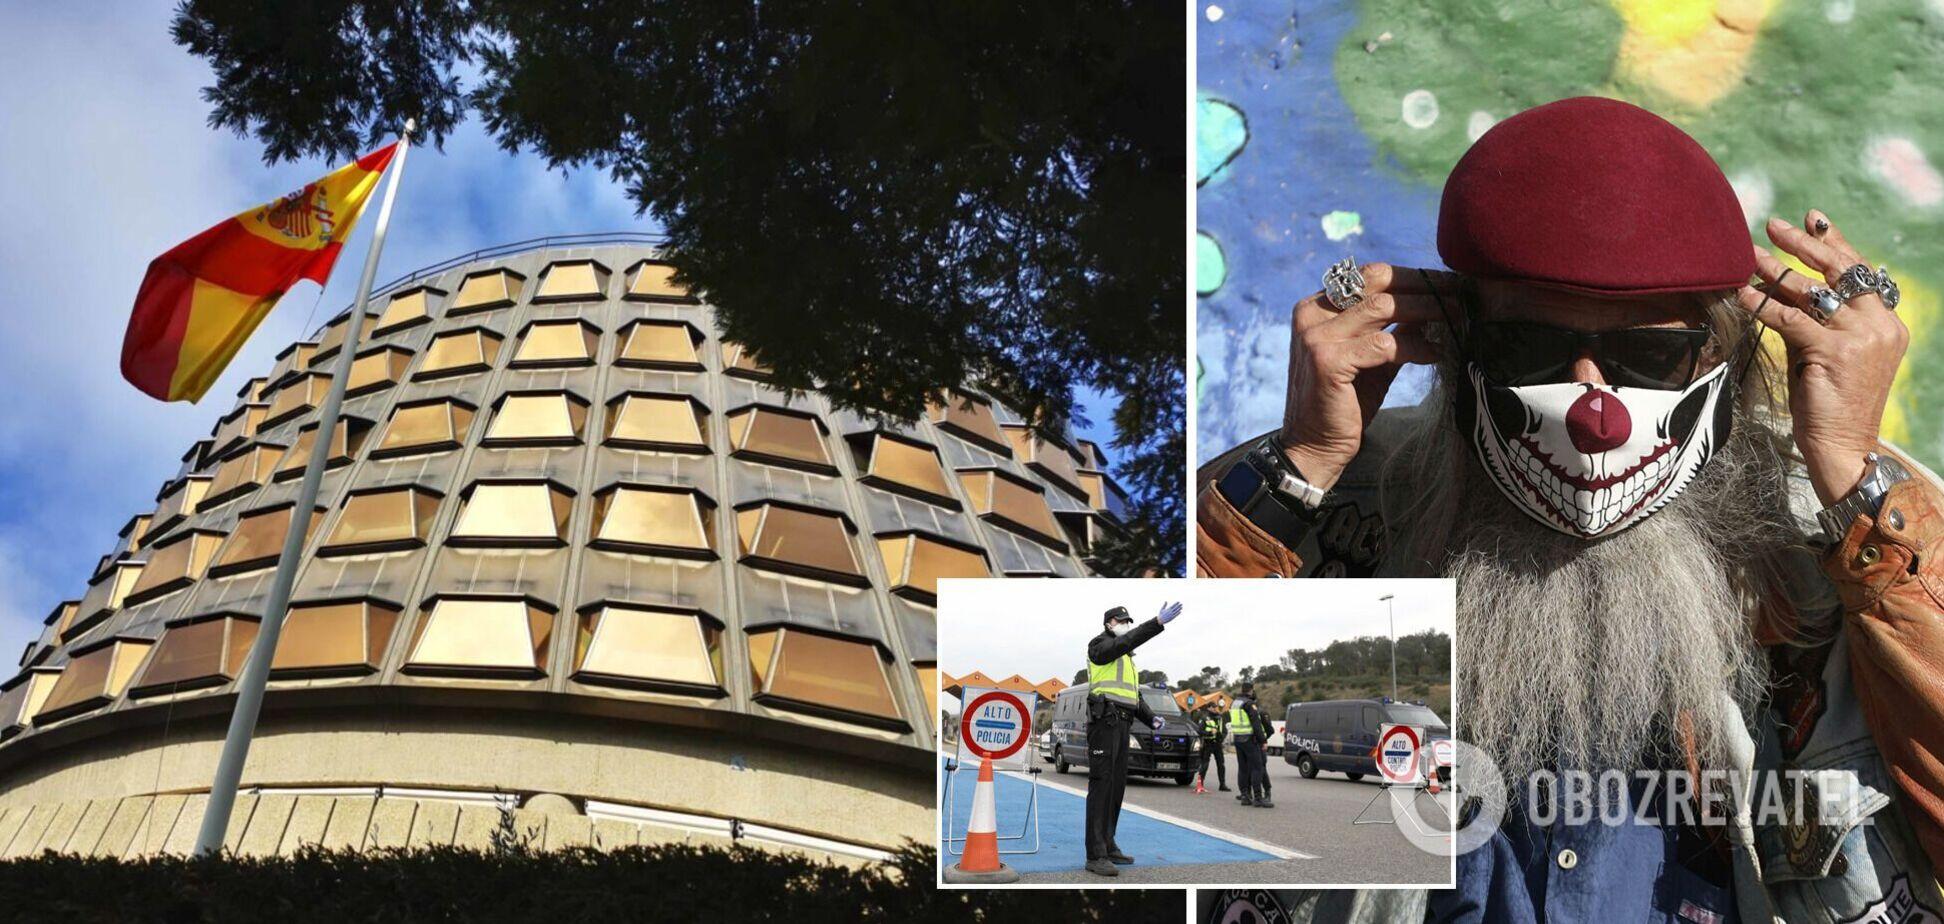 Высший суд Испании признал неконституционным введение локдауна из-за COVID-19